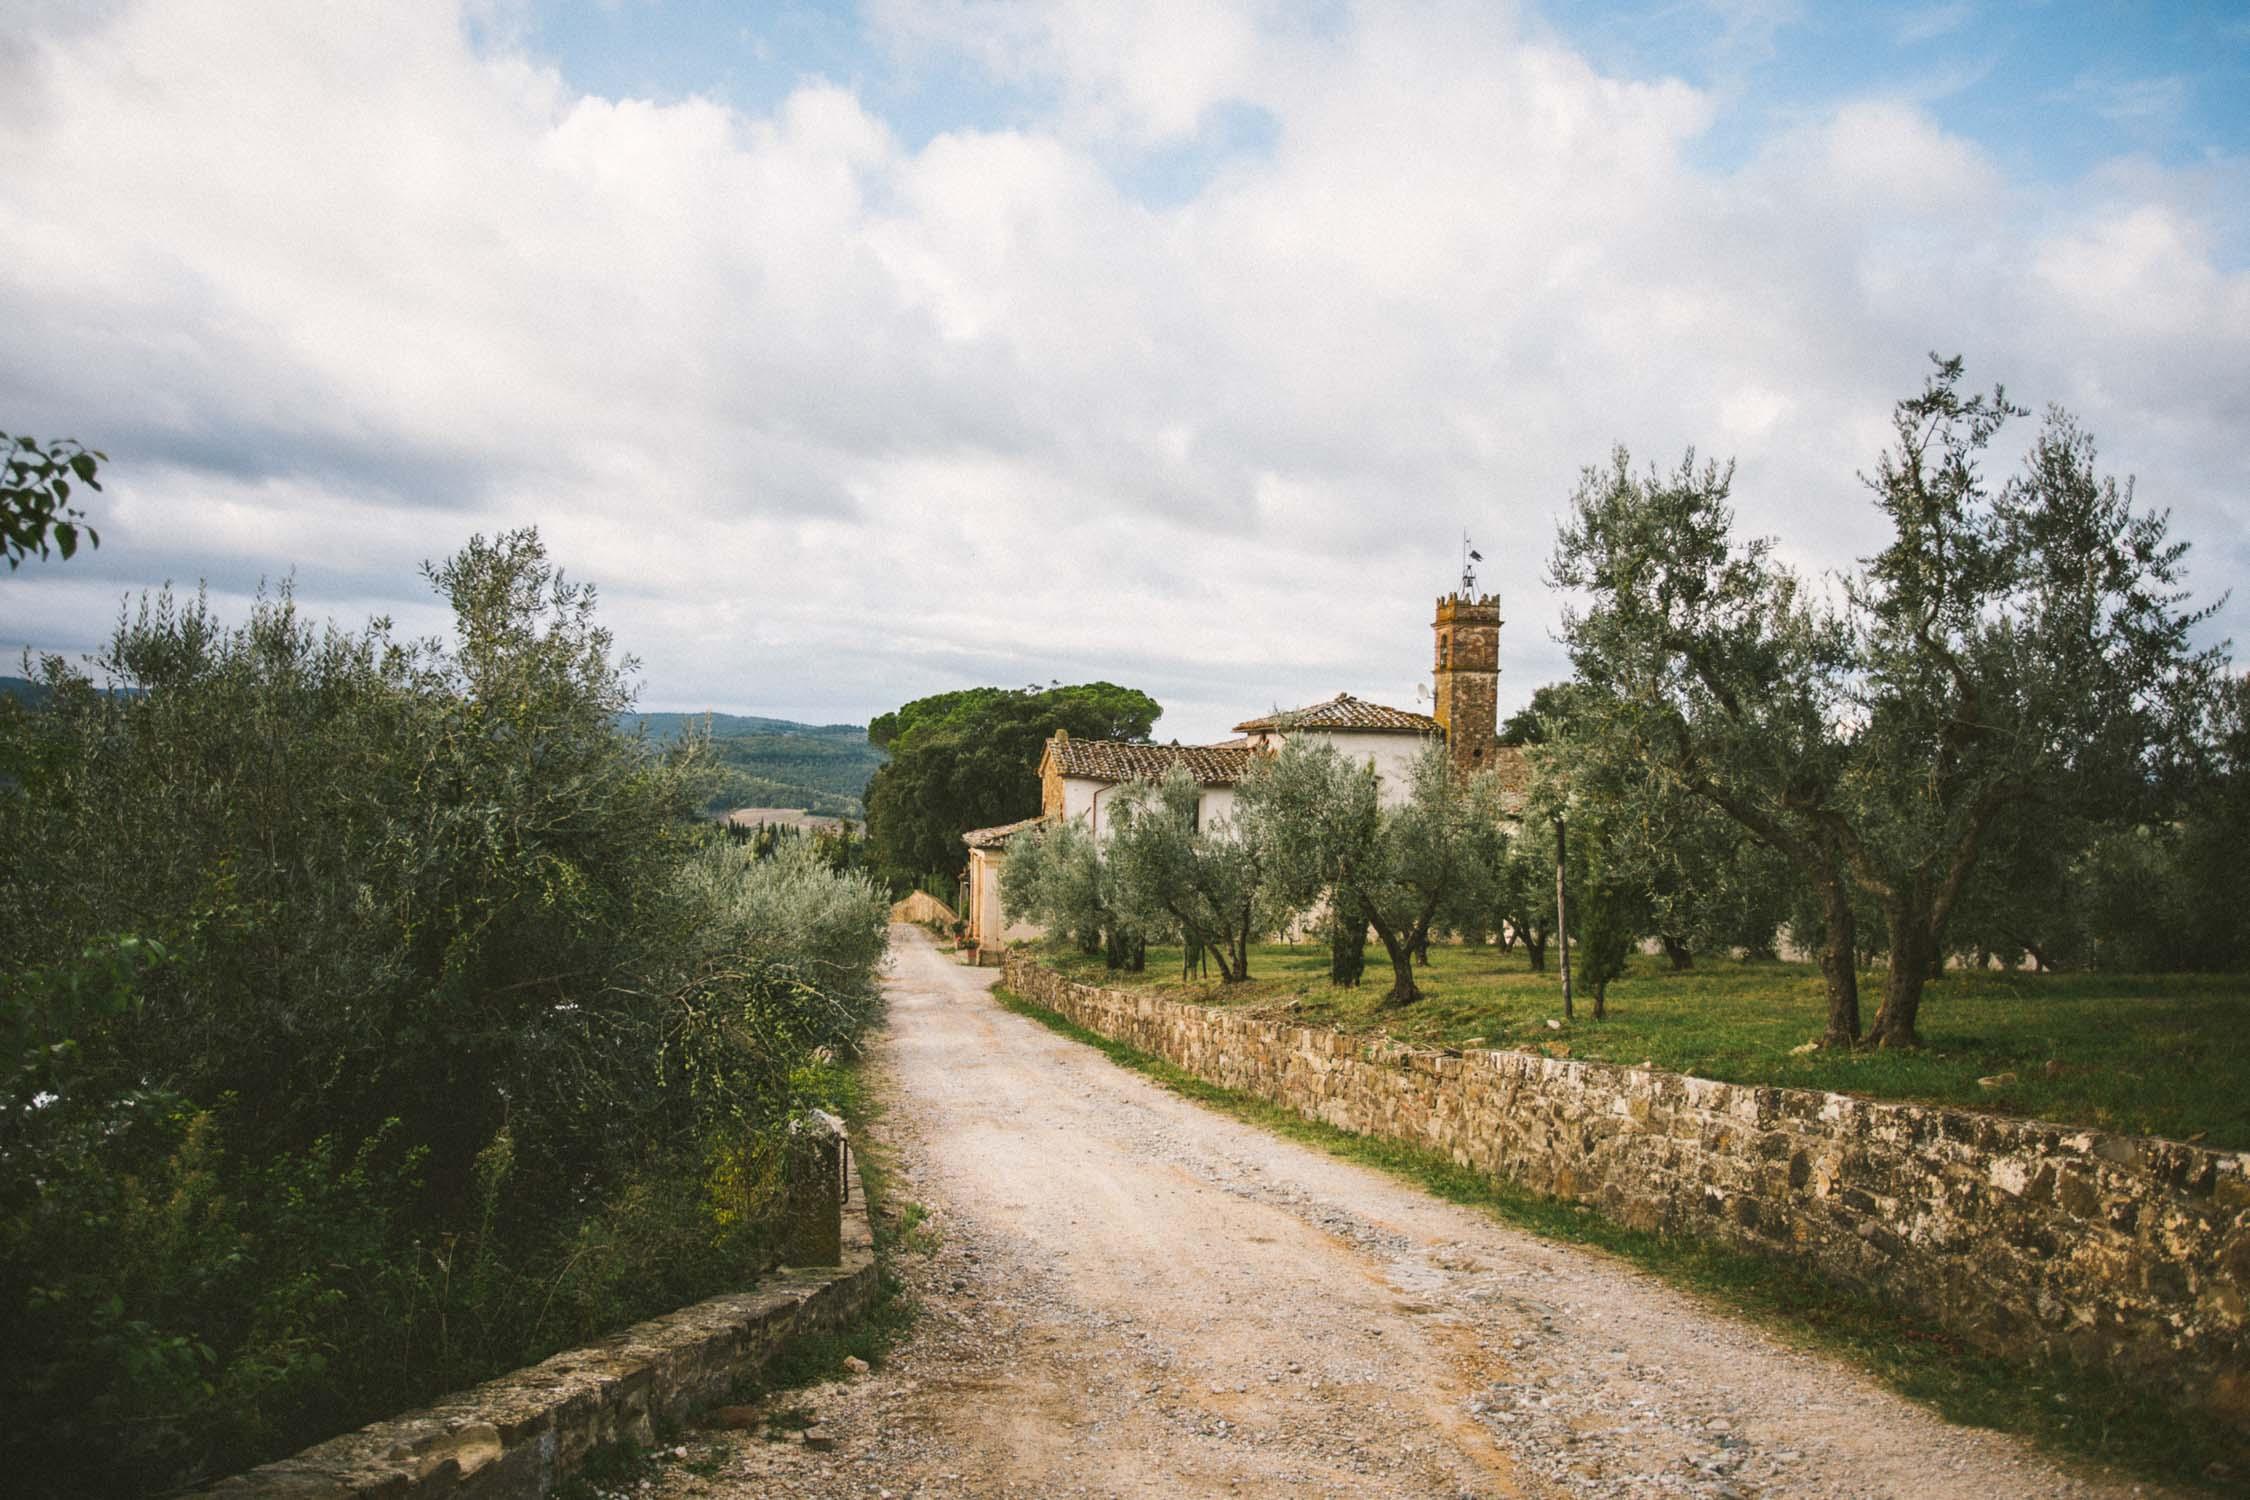 wedding venues Italy, Fattoria e Villa di Rignana, Florence, Chianti